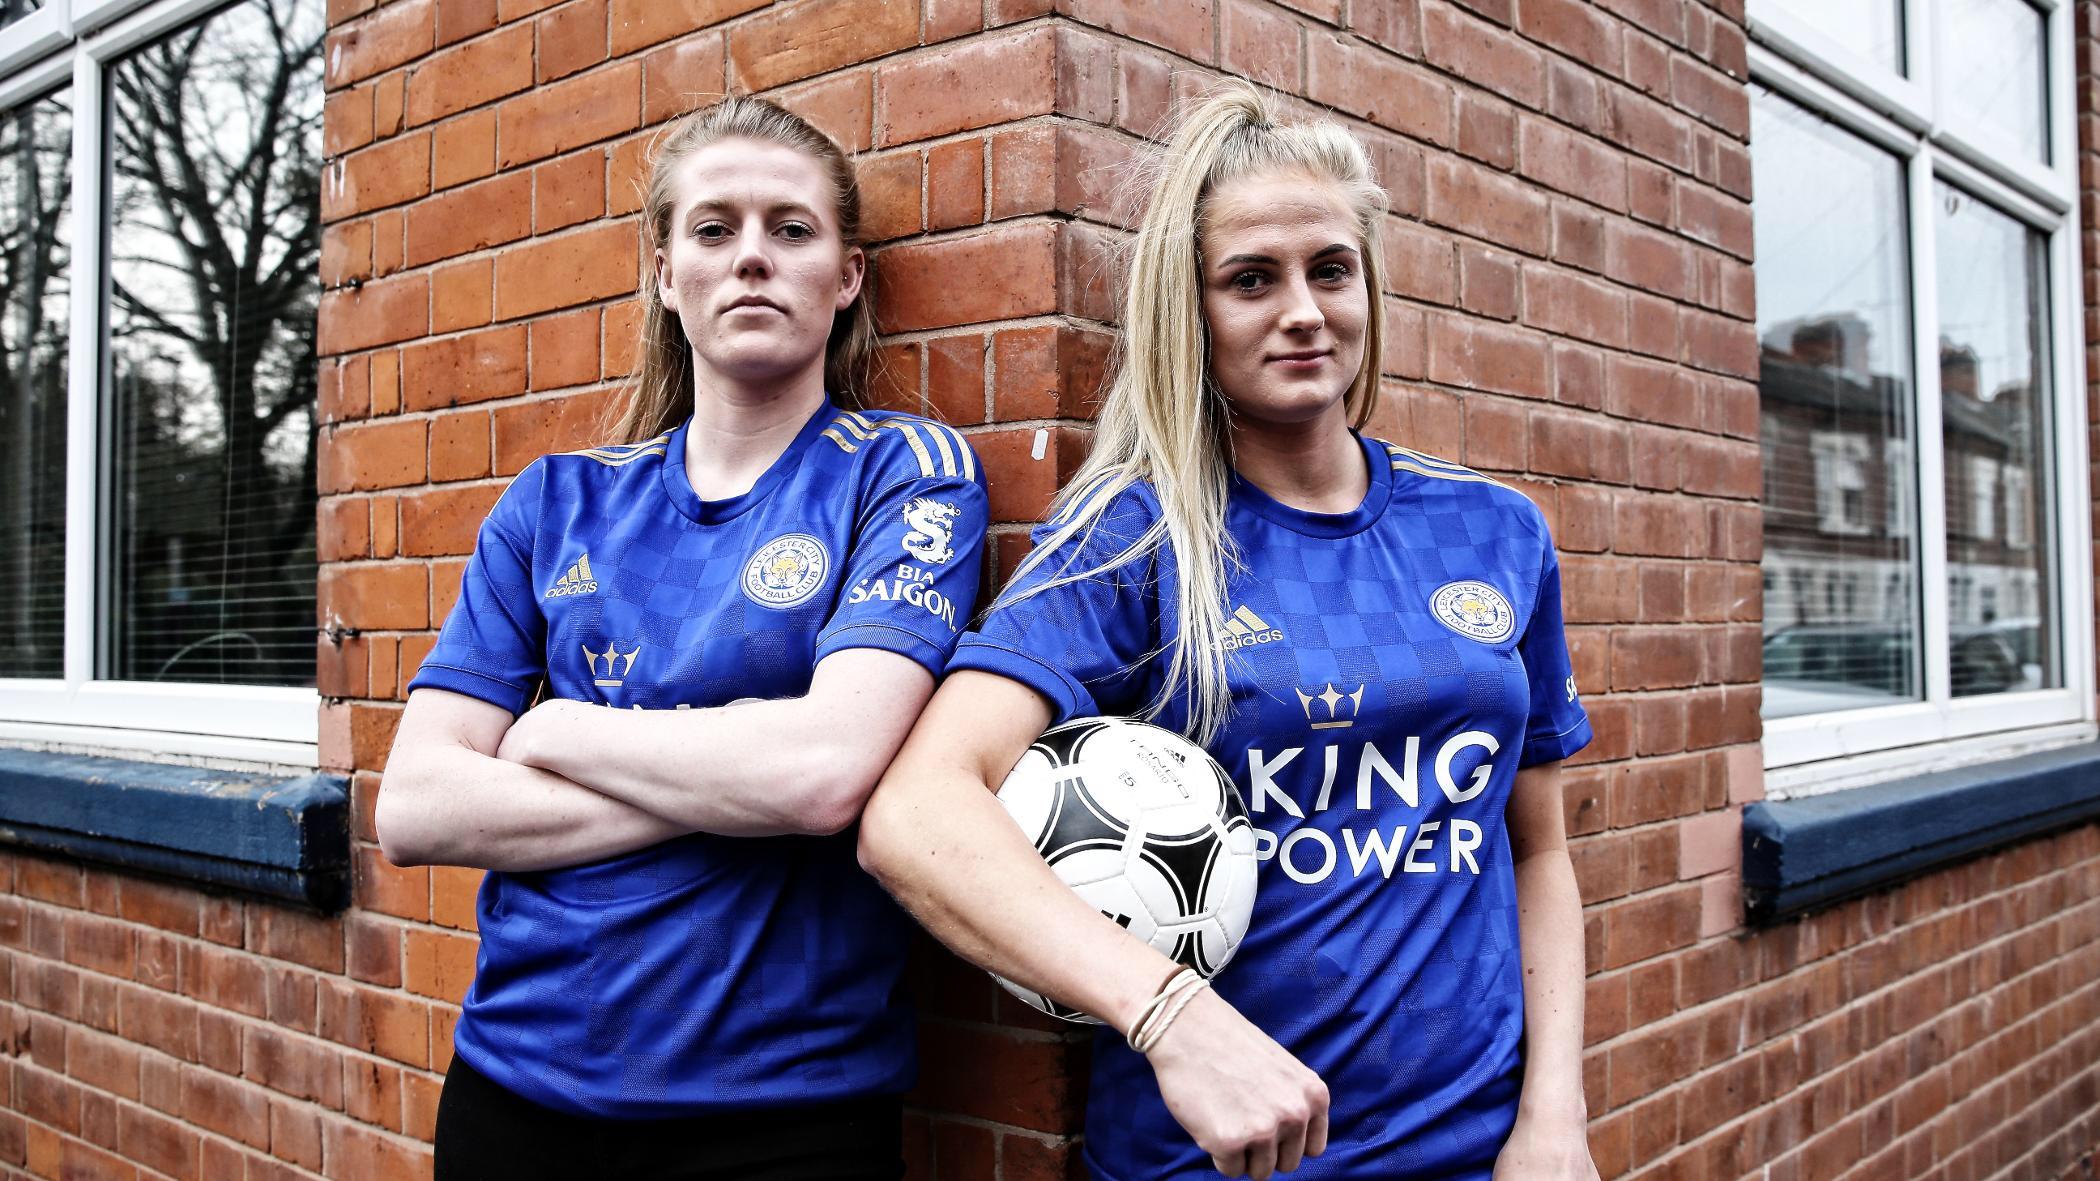 Leicester nouveau maillot domicile 2020